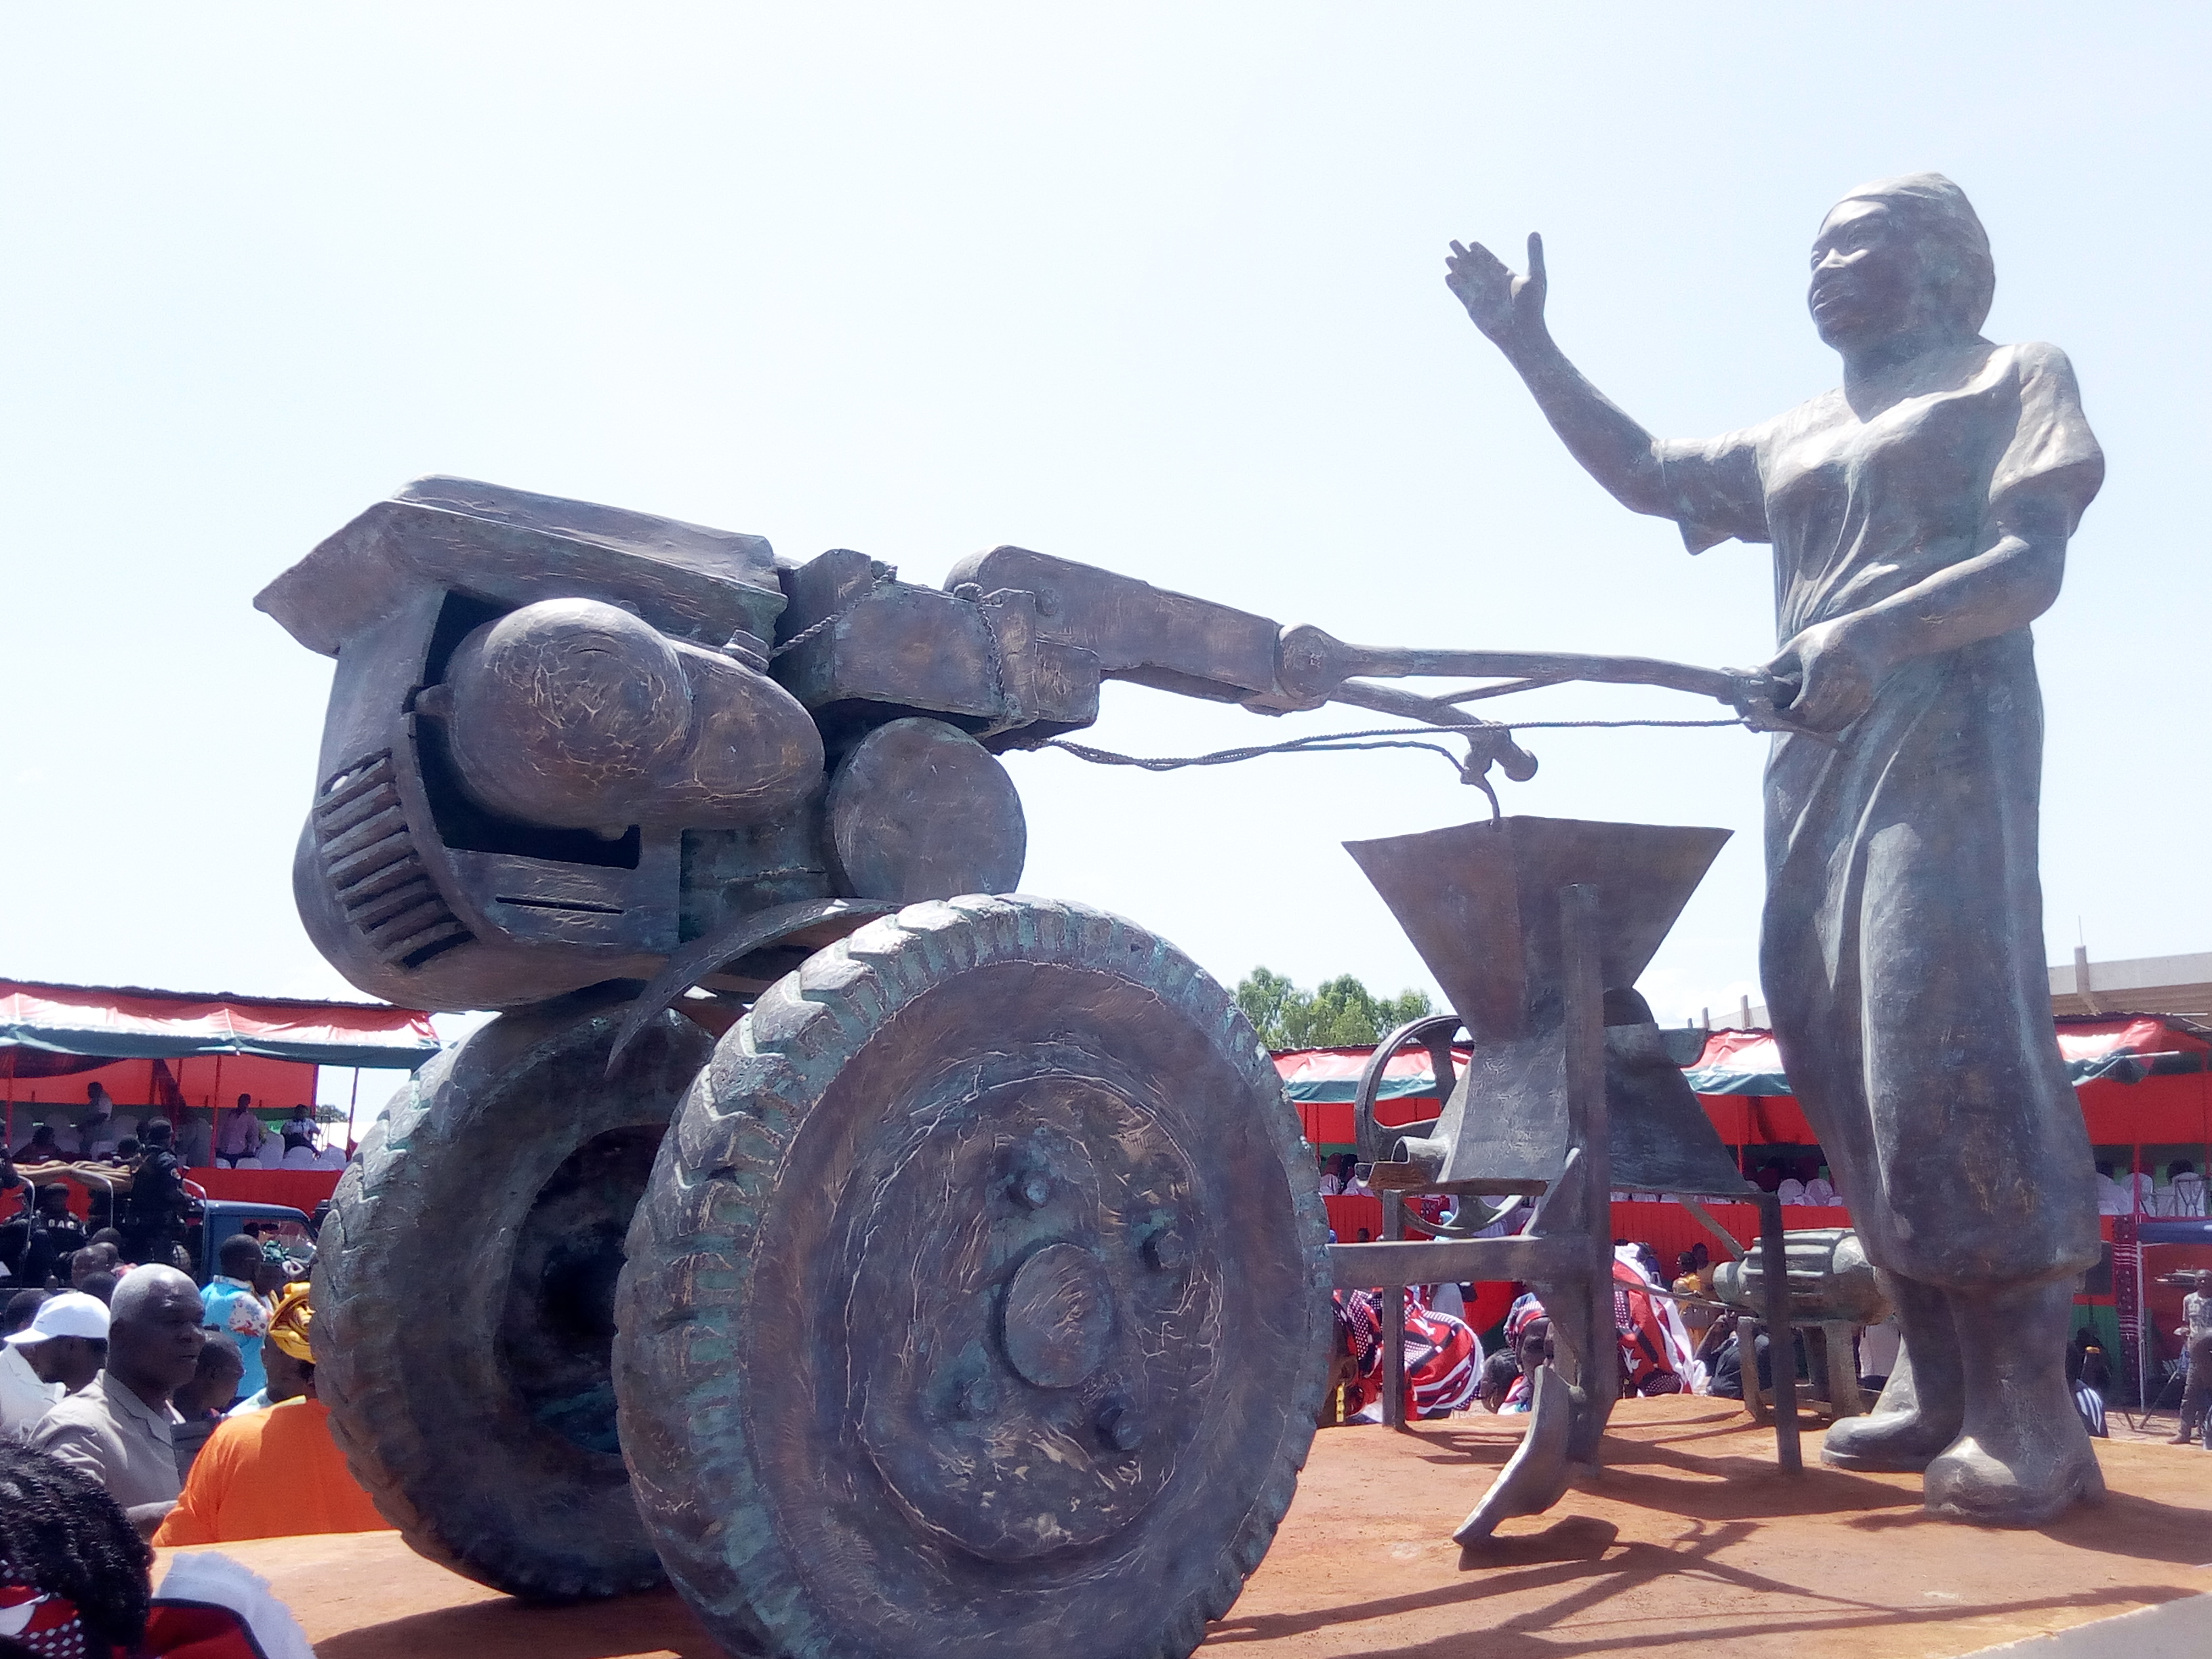 CAMPAGNE DE CONFINEMENT DE LA HOUE AU MUSEE : Voici le sens de la statue de Bobo